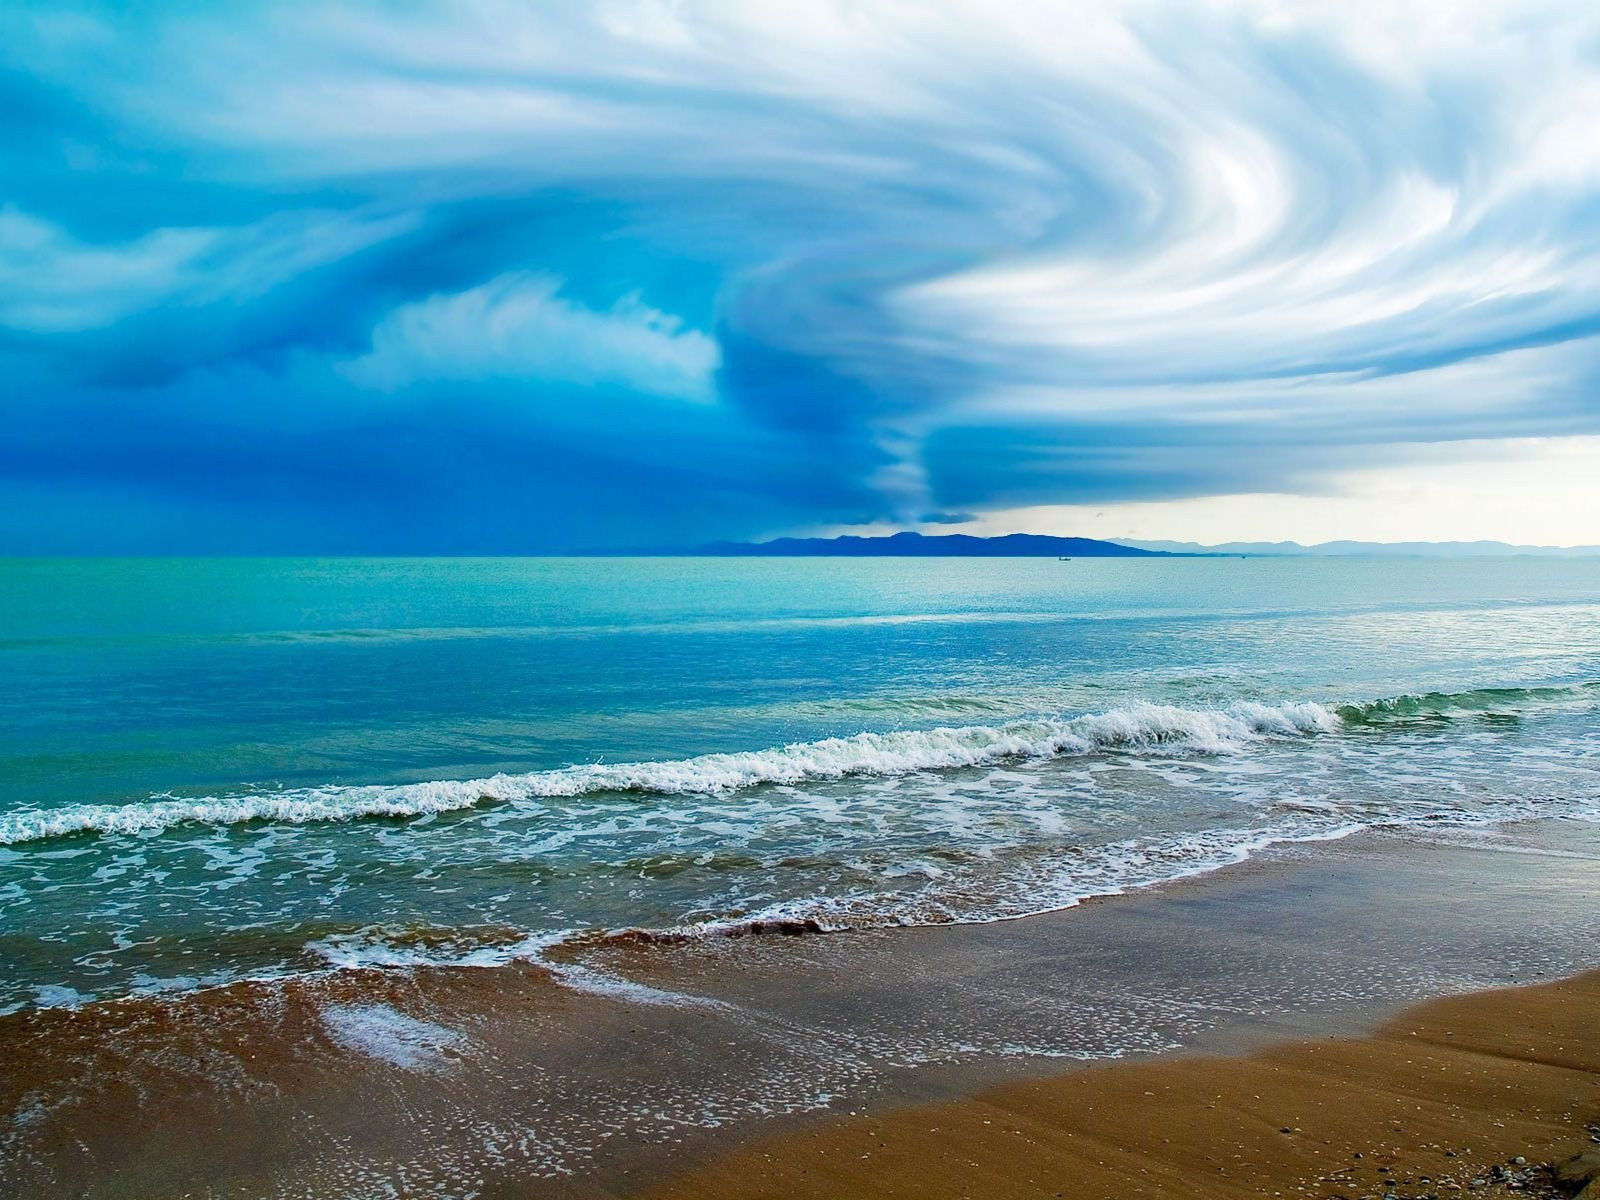 11475 скачать обои Пейзаж, Небо, Море, Пляж - заставки и картинки бесплатно